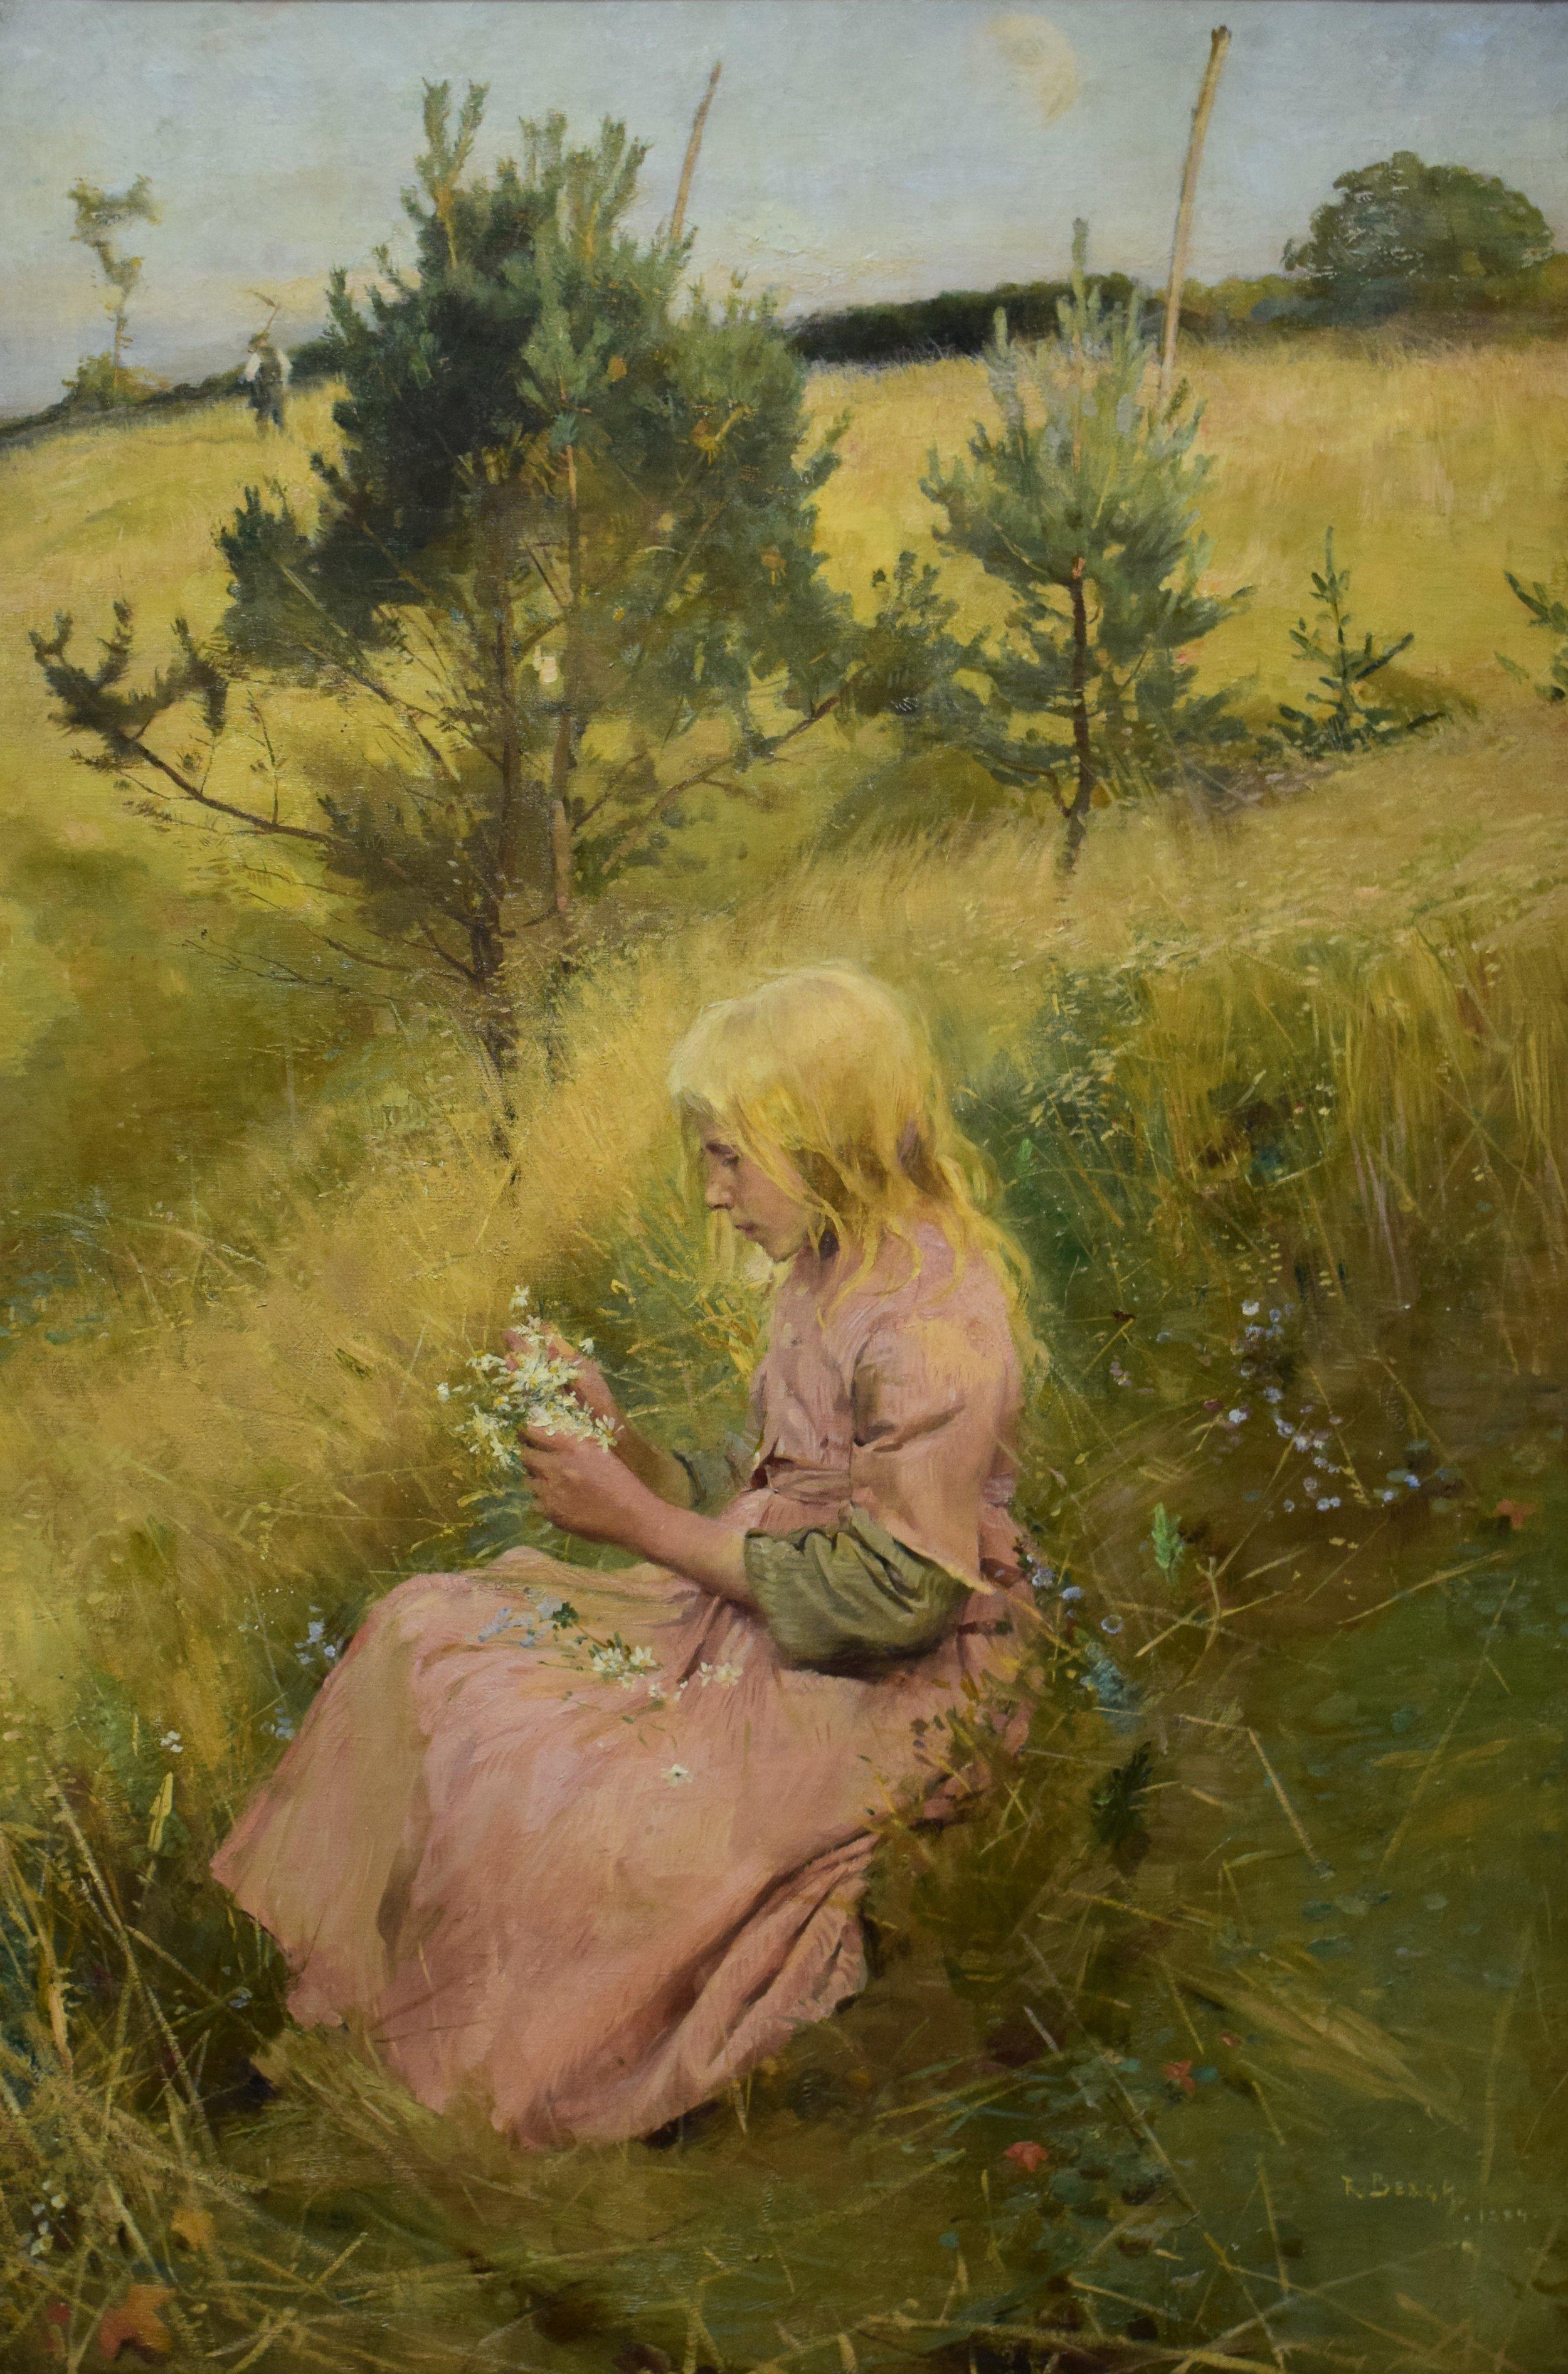 Richard Bergh, Blomsterplockerska (Girl picking flowers), 1884